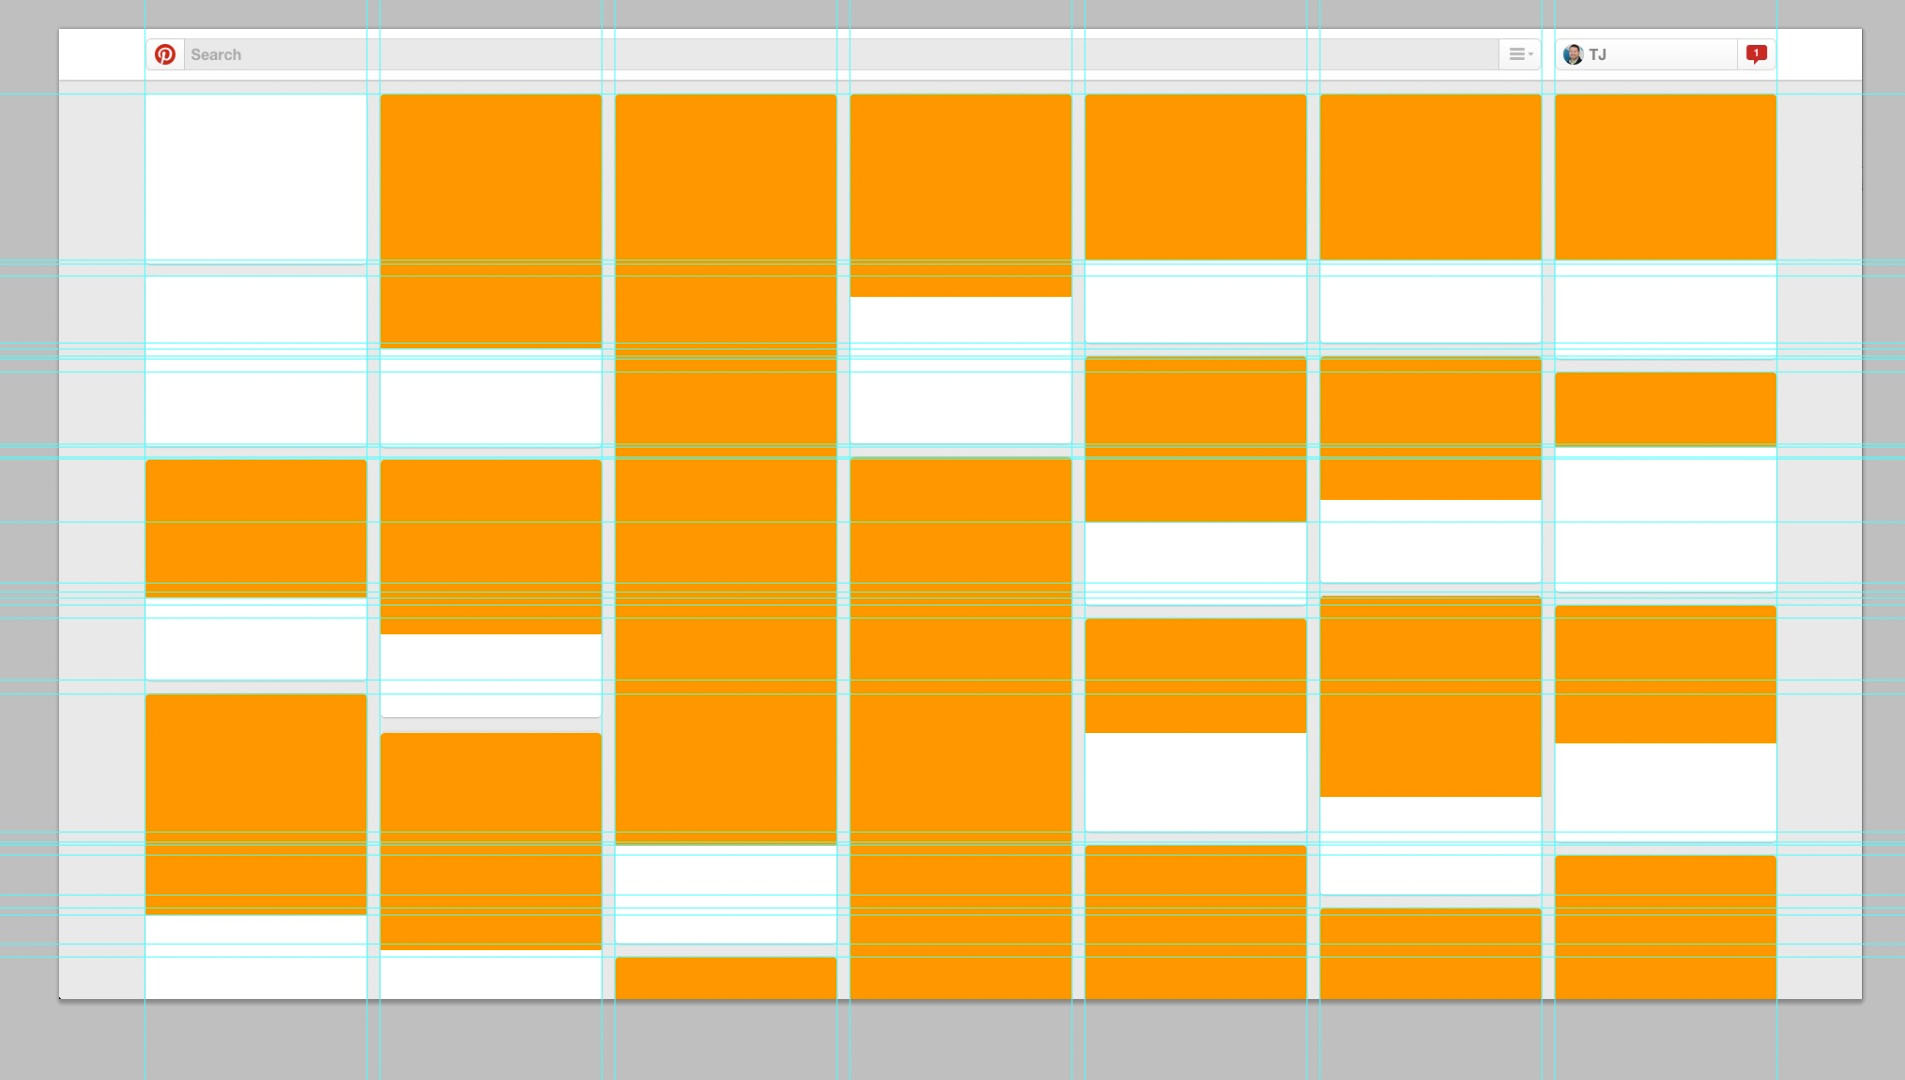 pinterest-ux-priority-grid